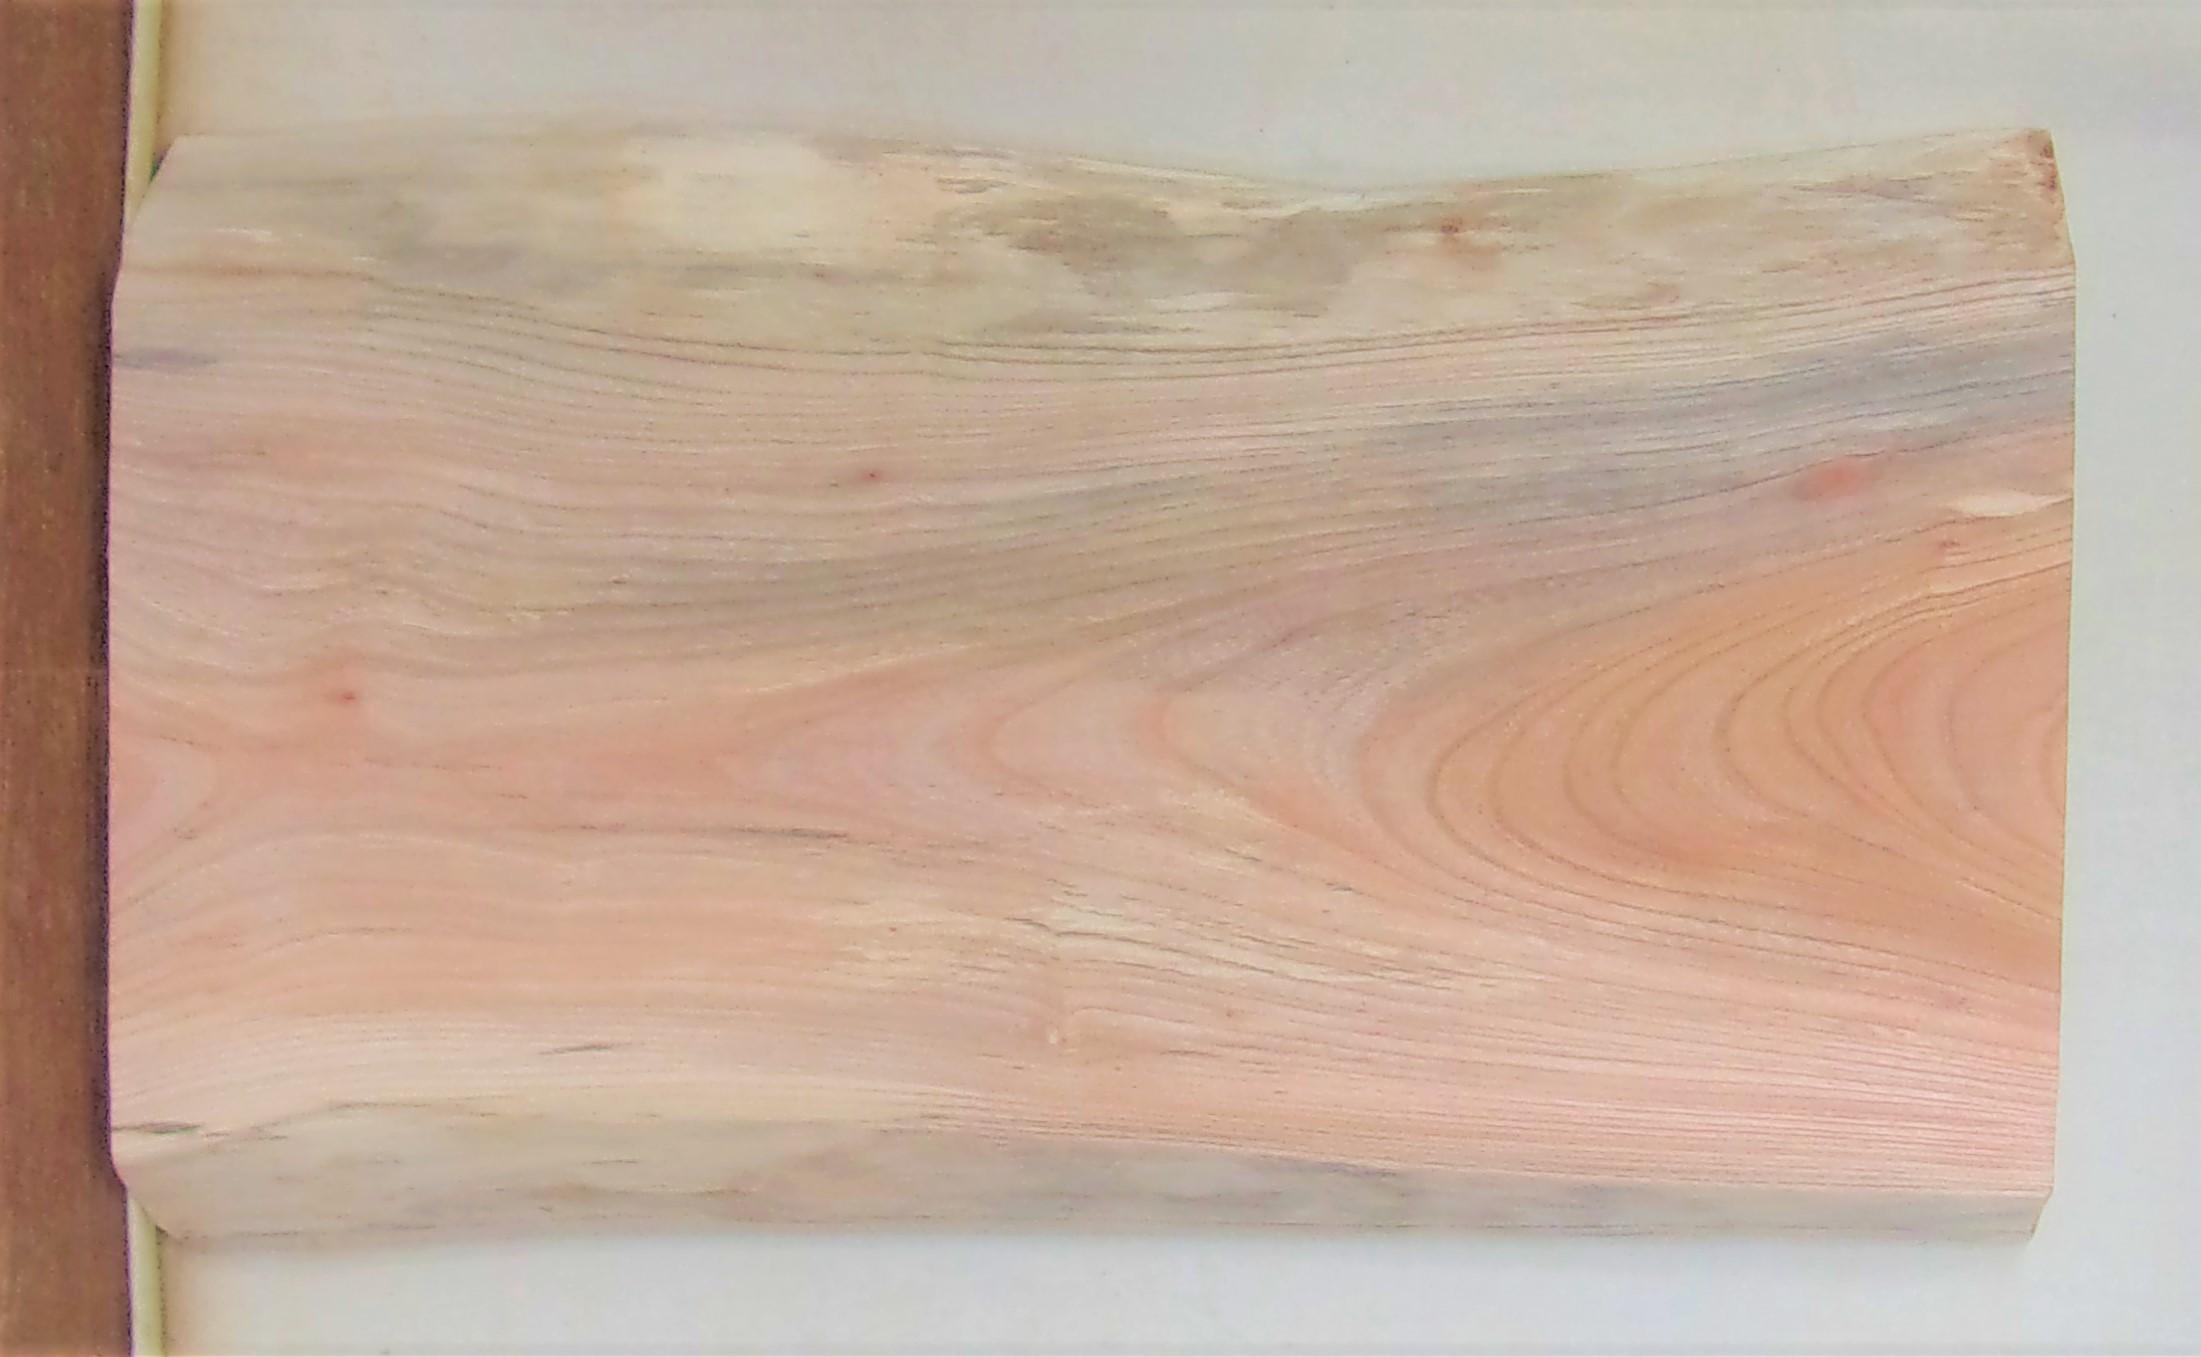 【送料・手数料無料】 山成林業 特小無垢一枚板 KE-600 ケヤキ看板に最適